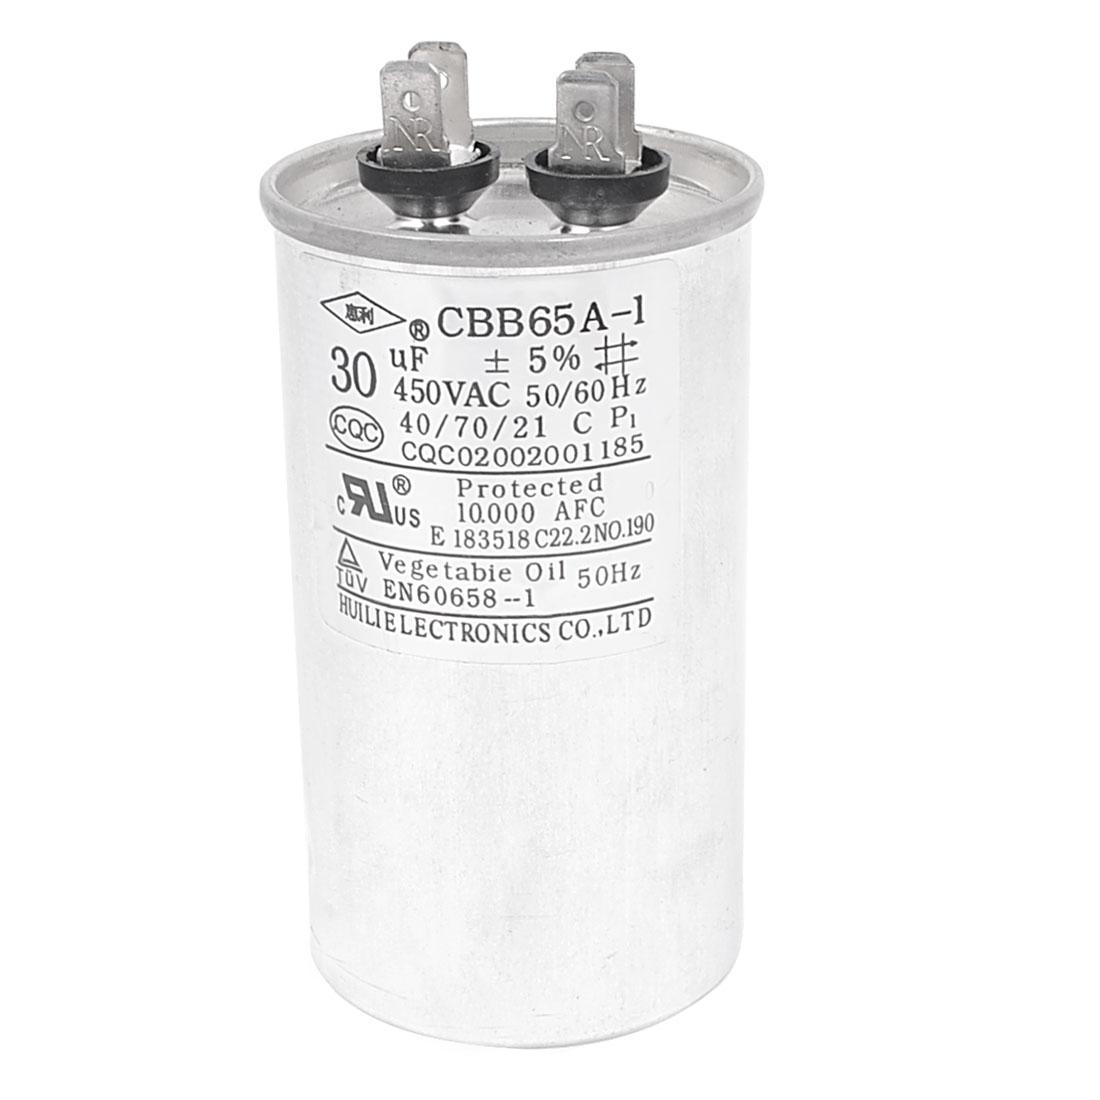 AC 450V 30uF 50/60Hz CBB65A-1 Polypropylene Film Motor Capacitor